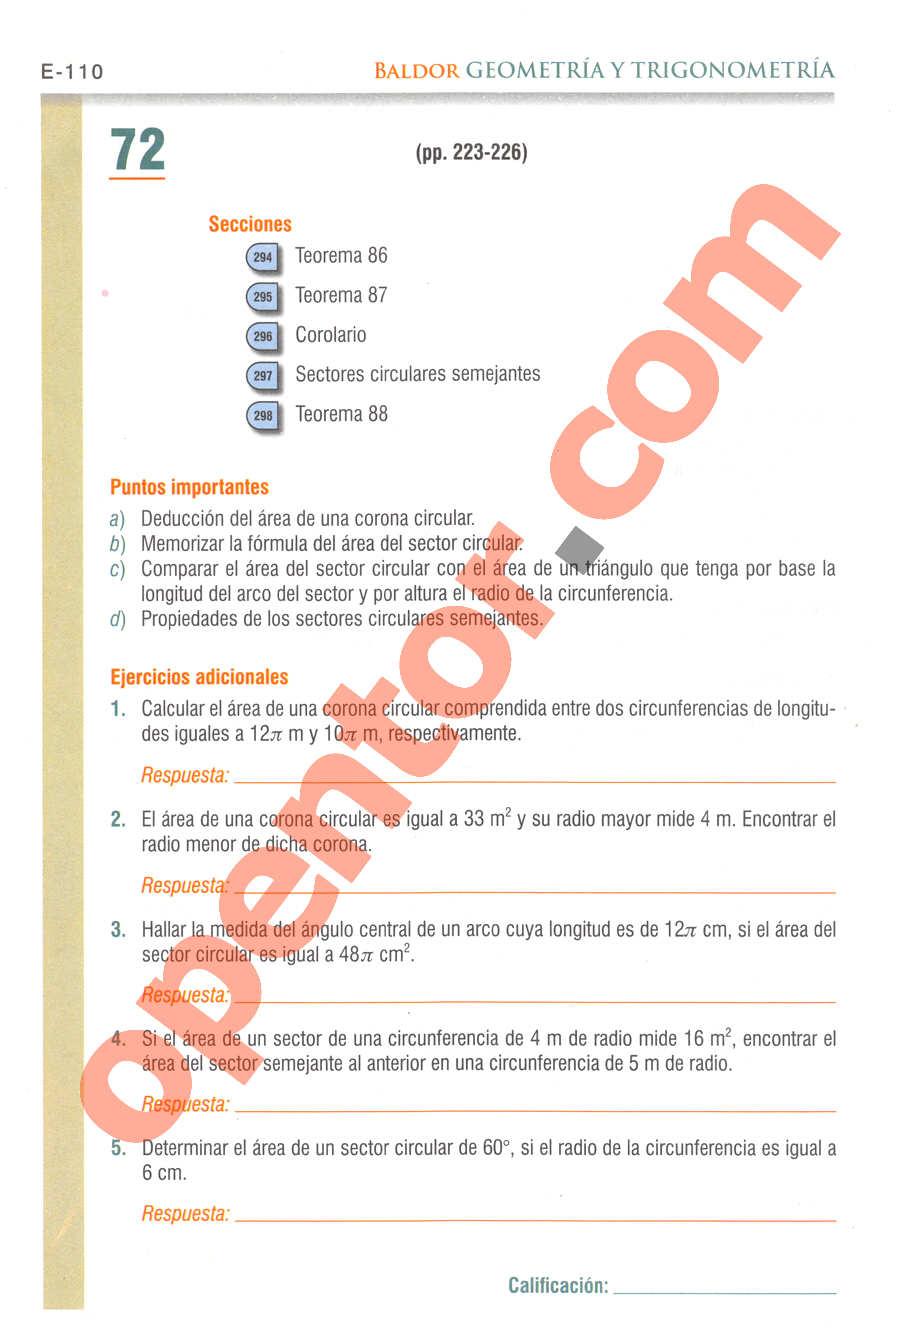 Geometría y Trigonometría de Baldor - Página E110